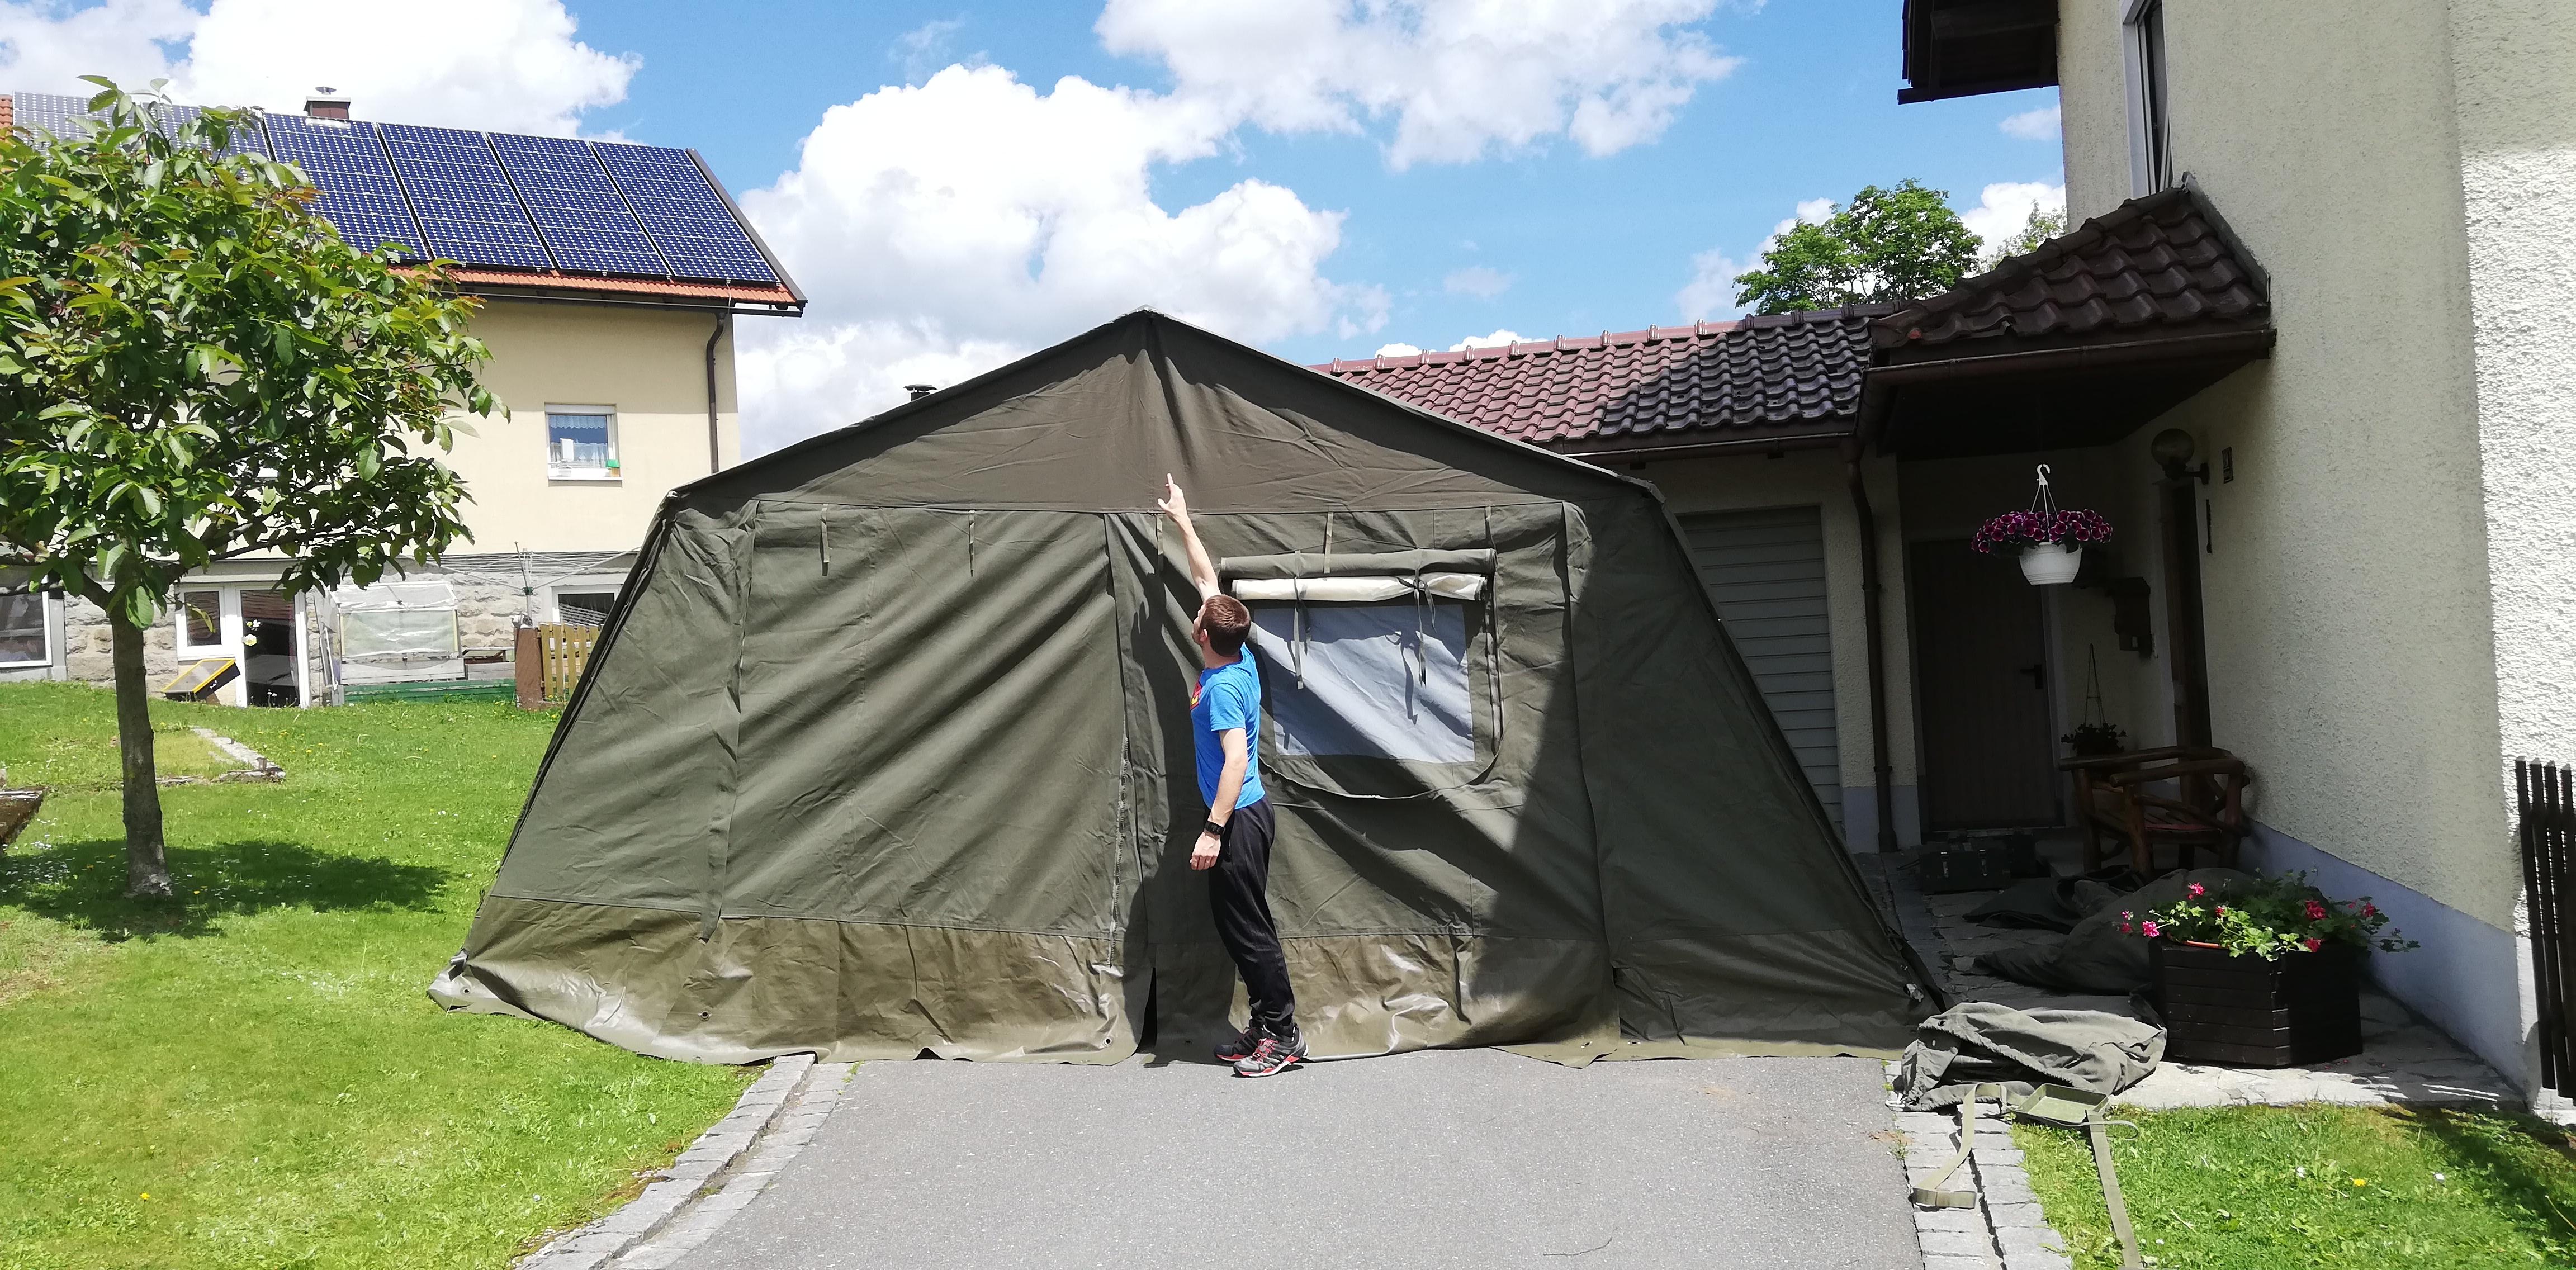 Das neue Zelt – Mit 3. Jugendwart als Vergleich